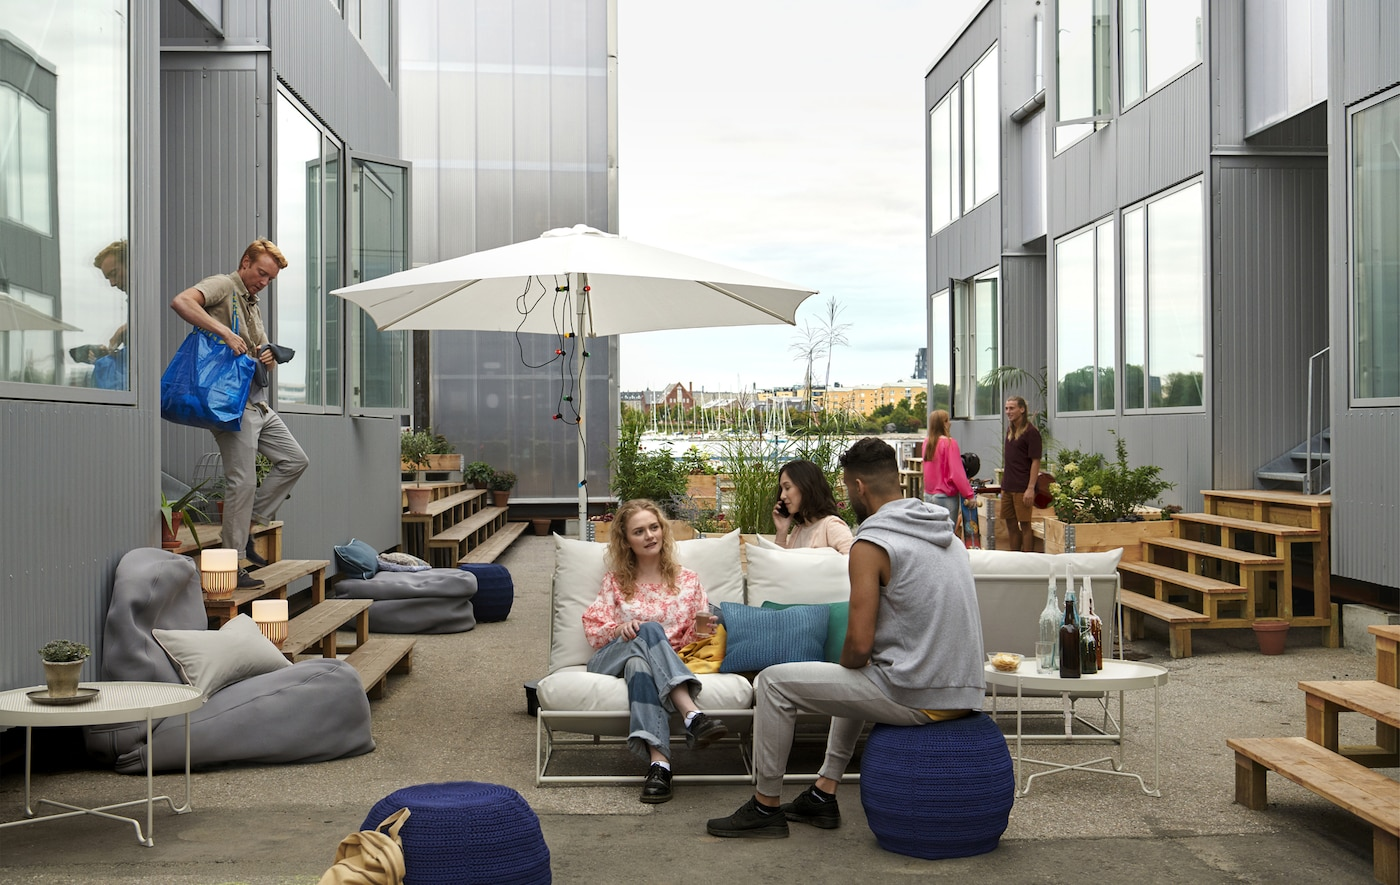 Divani, cuscini per pavimento con un ombrellone e tavolini in uno spazio all'aperto tra i container – IKEA